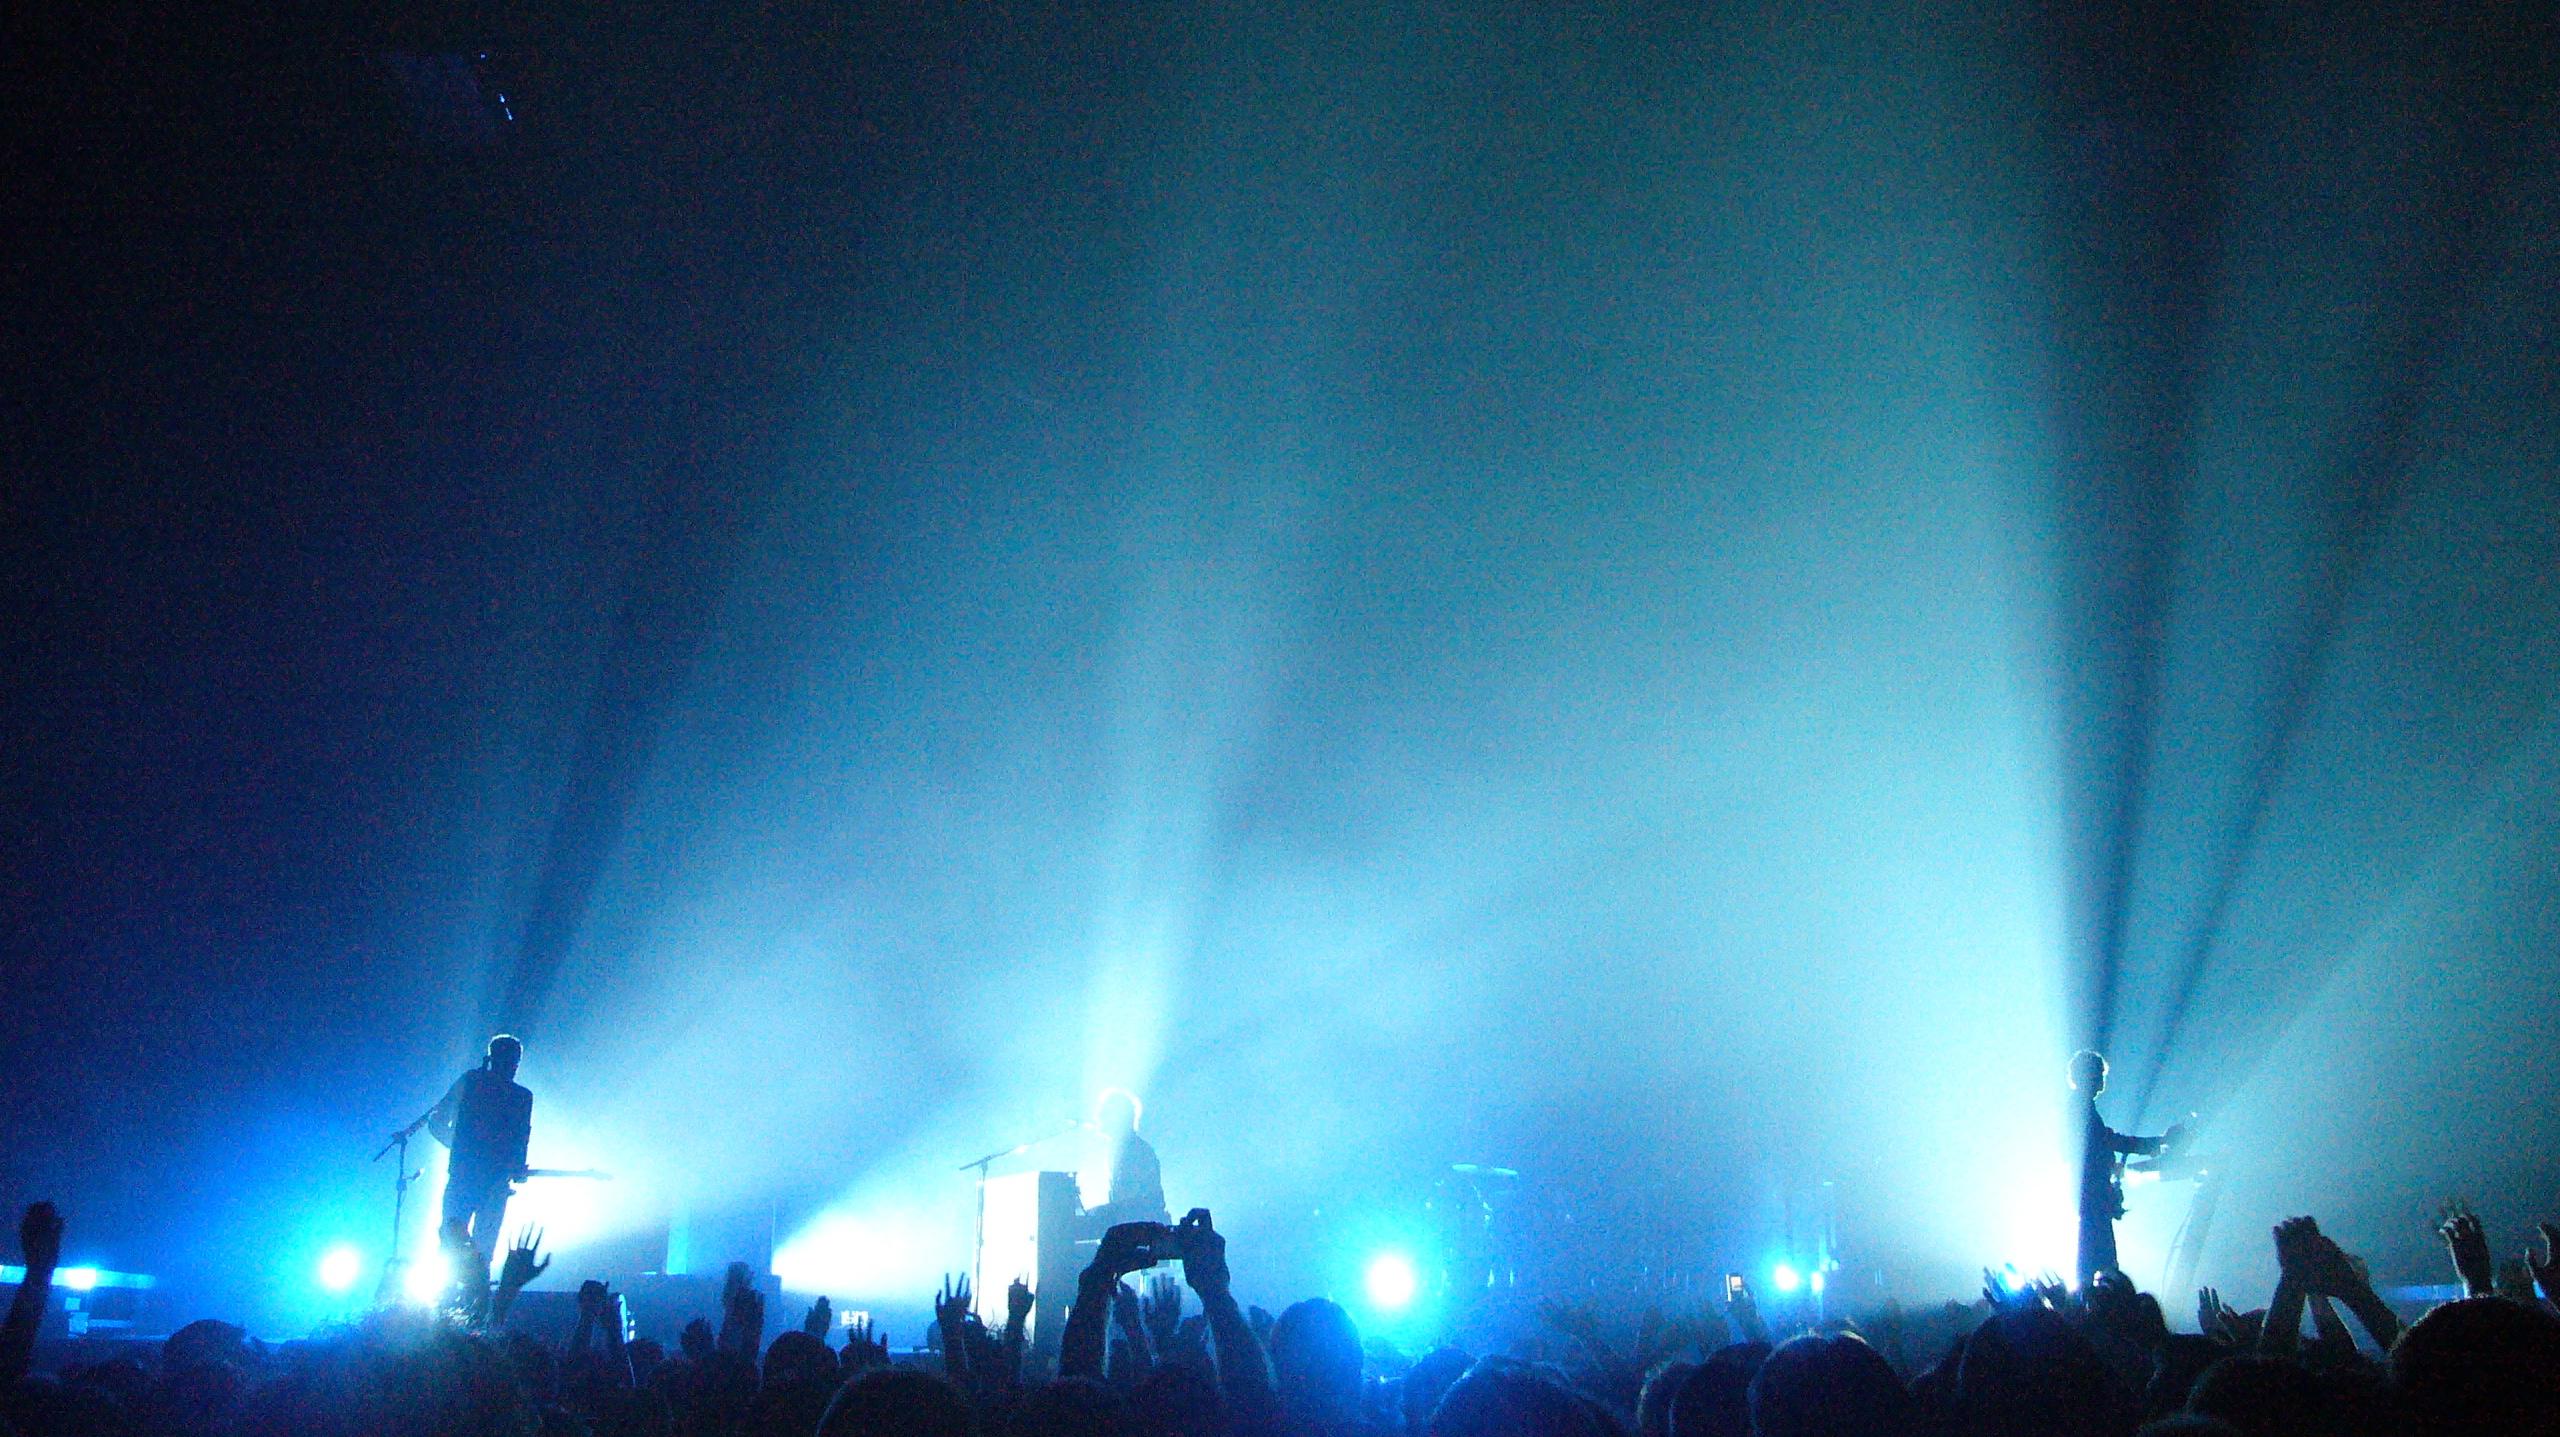 Big Blue Sky Tours